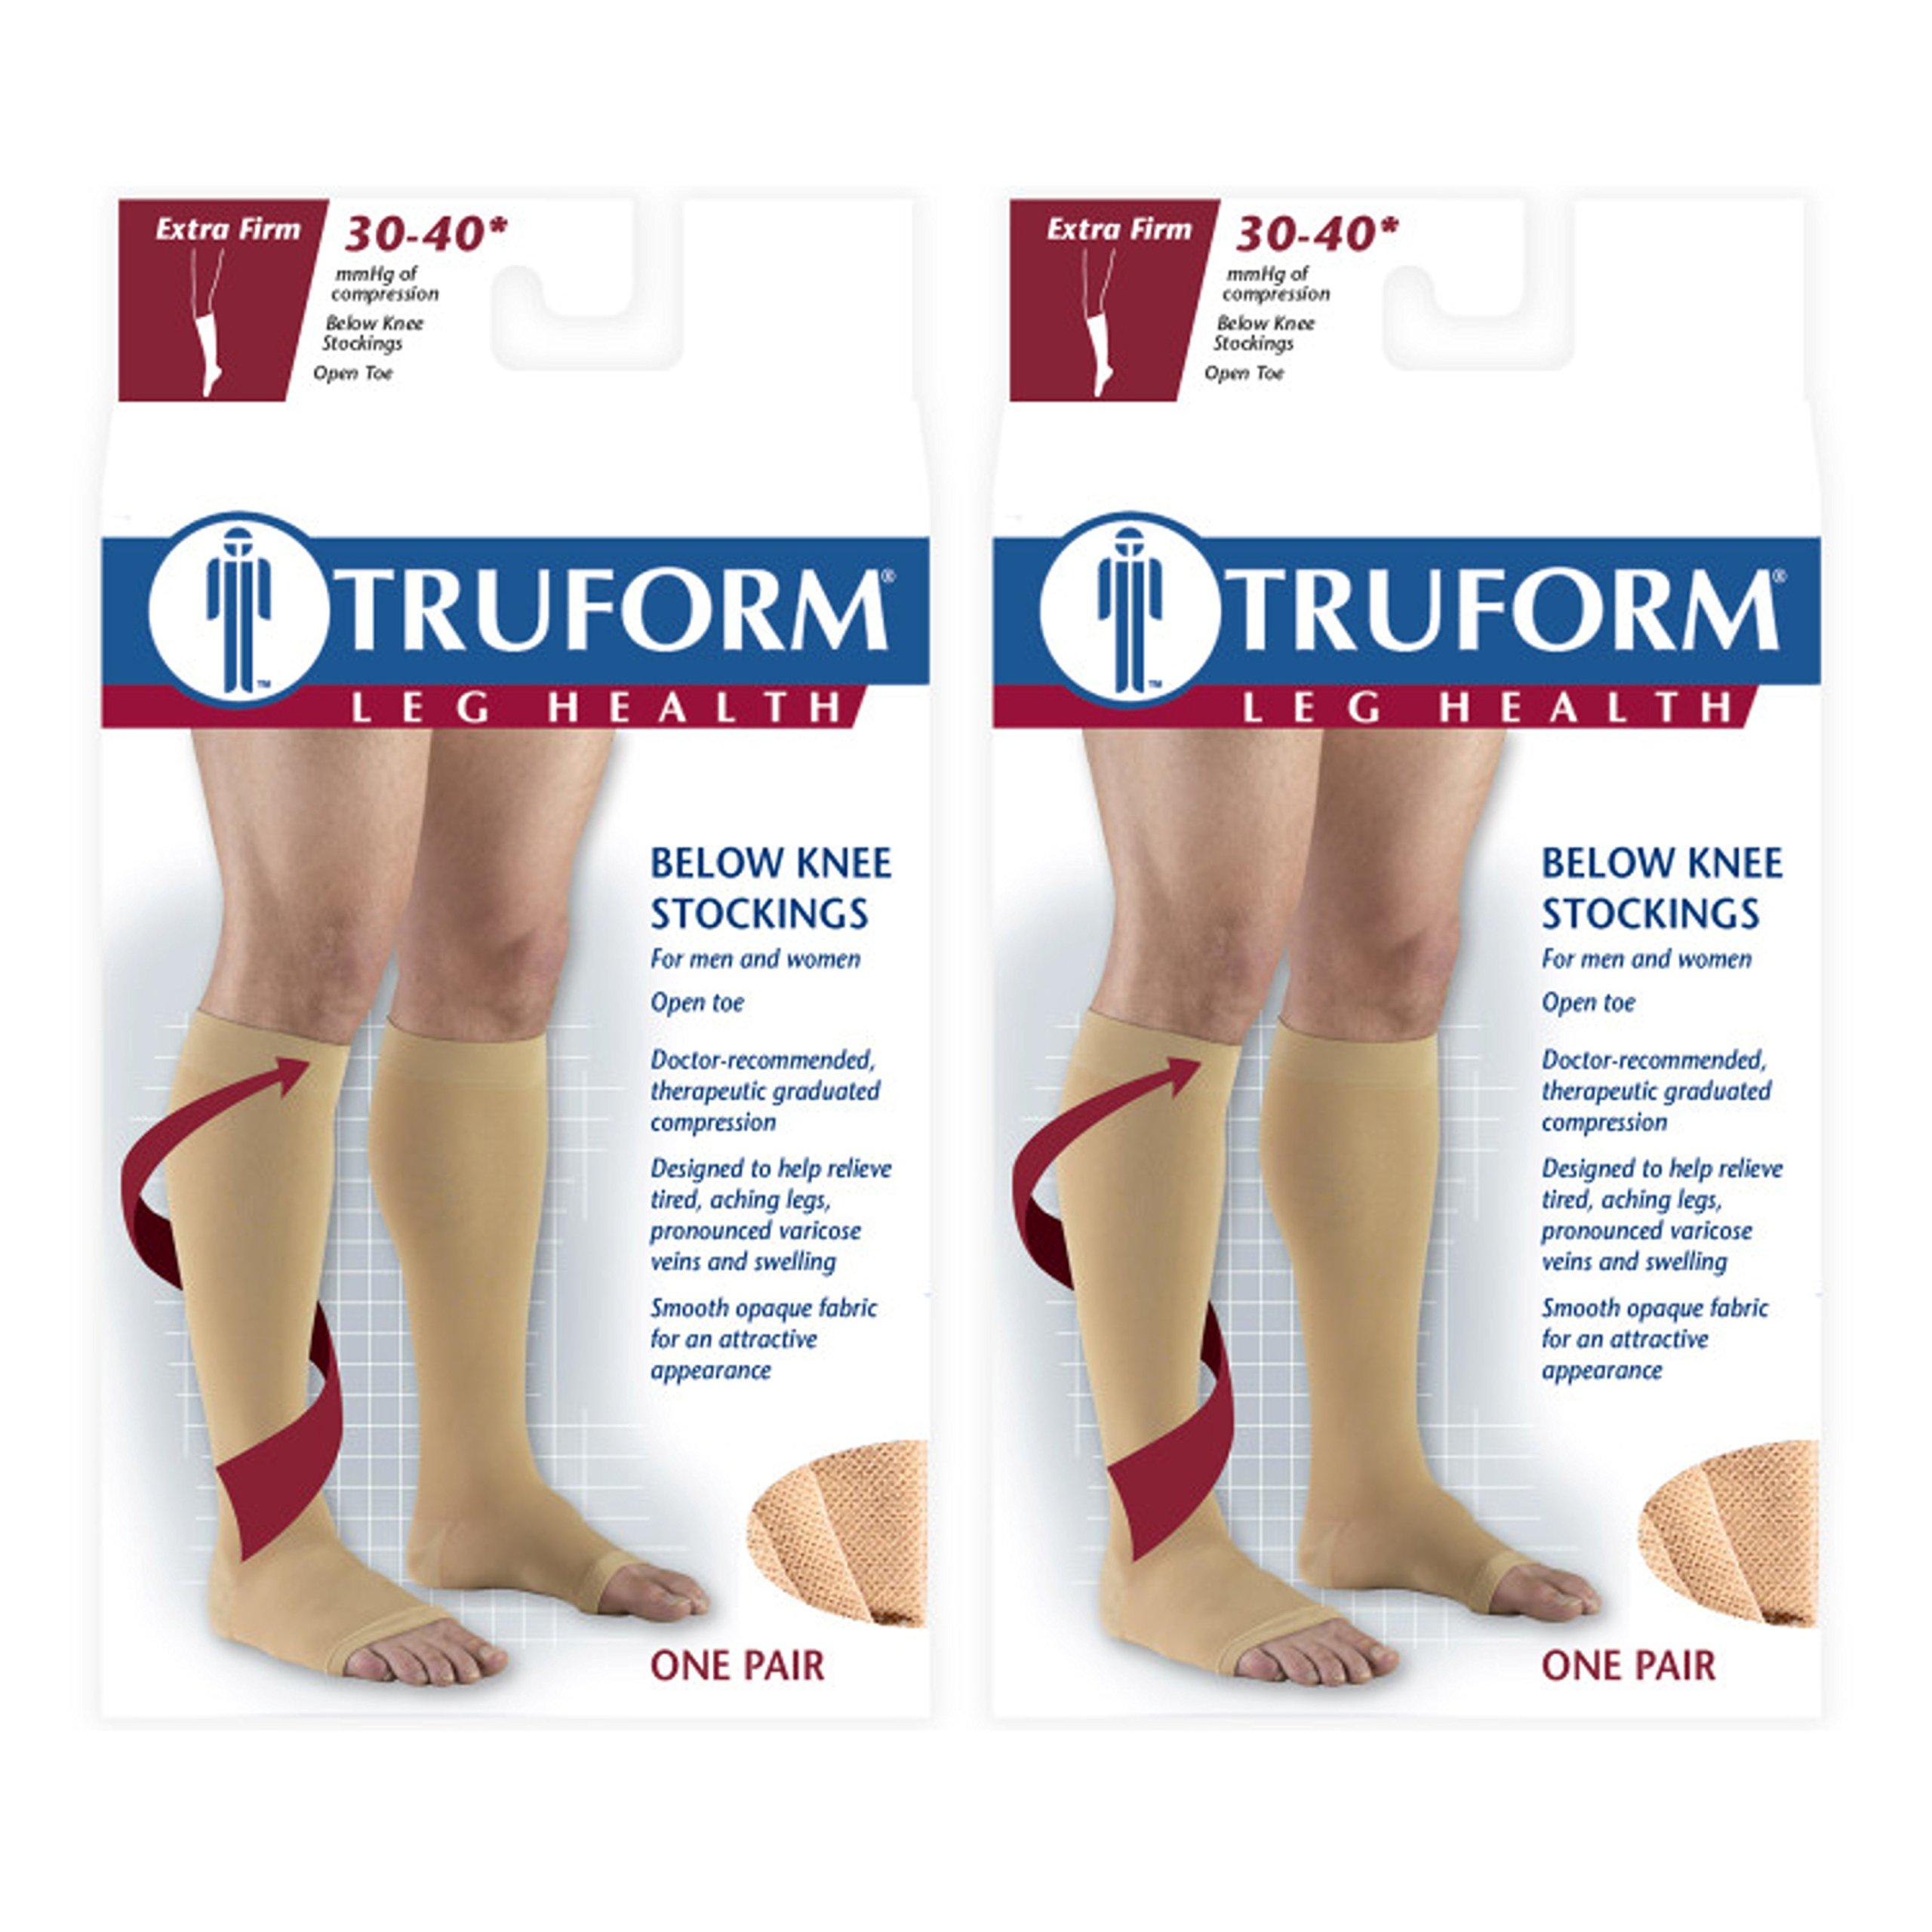 Truform 0845 Stockings, Knee High, Open Toe: 30-40 mmHg, White, Large (Pack of 2)